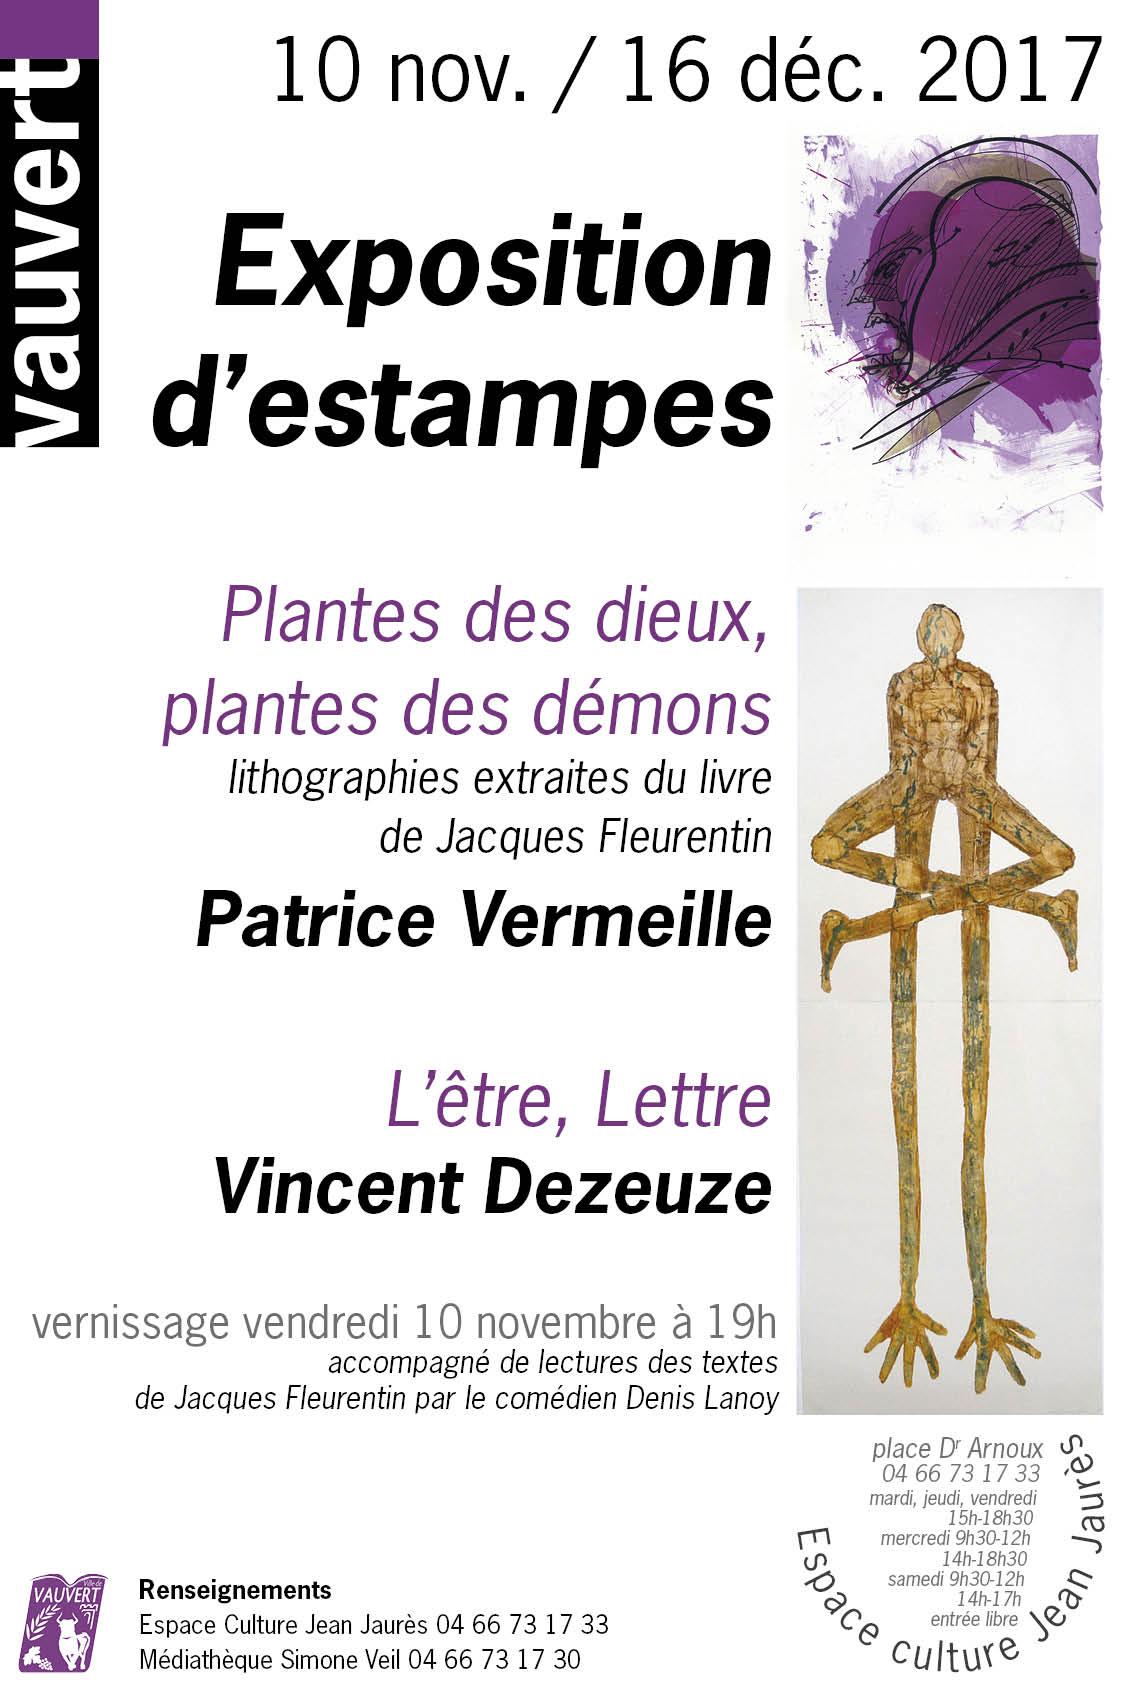 Exposition d'estampes @ Espace culture Jean Jaurès à Vauvert